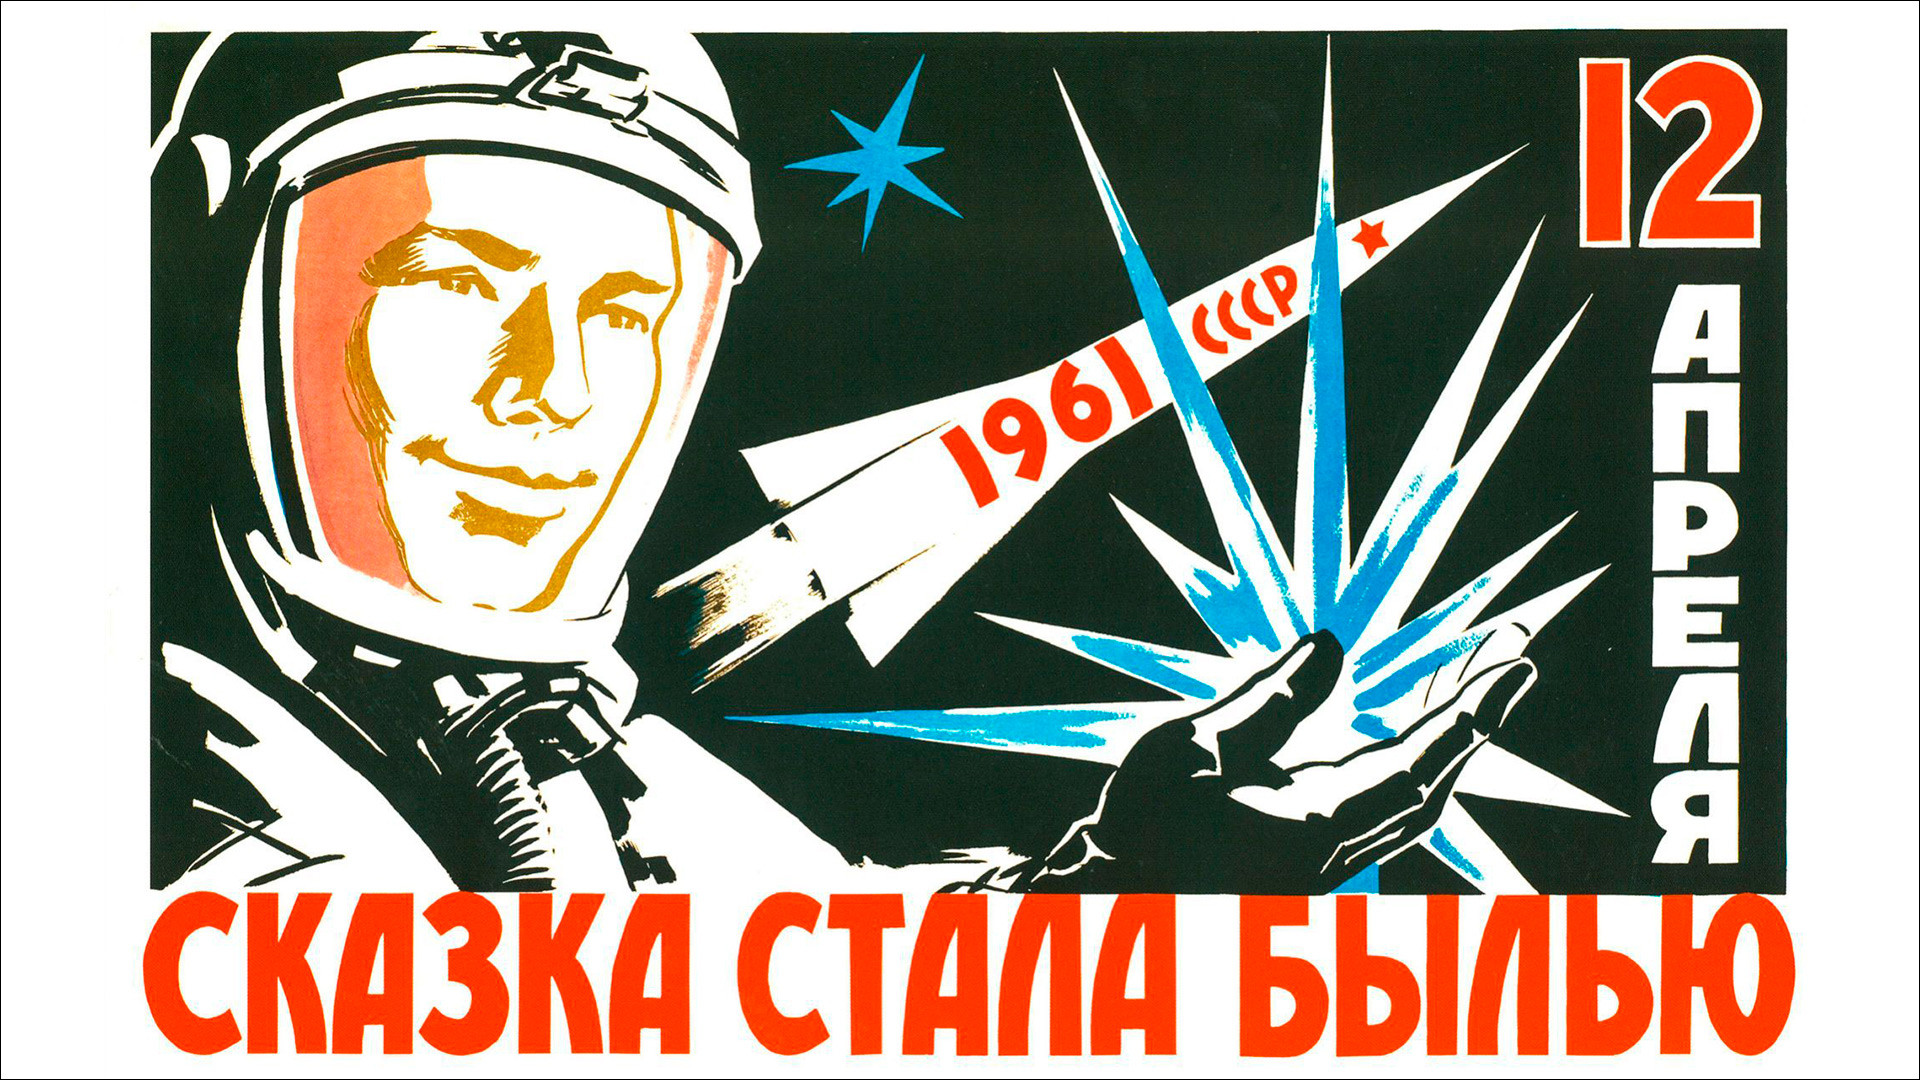 האגדה שהפכה למציאות! גגרין בכרזת תעמולה של ברית המועצות, עם תאריך טיסת החלל הראשונה | נחלת הכלל